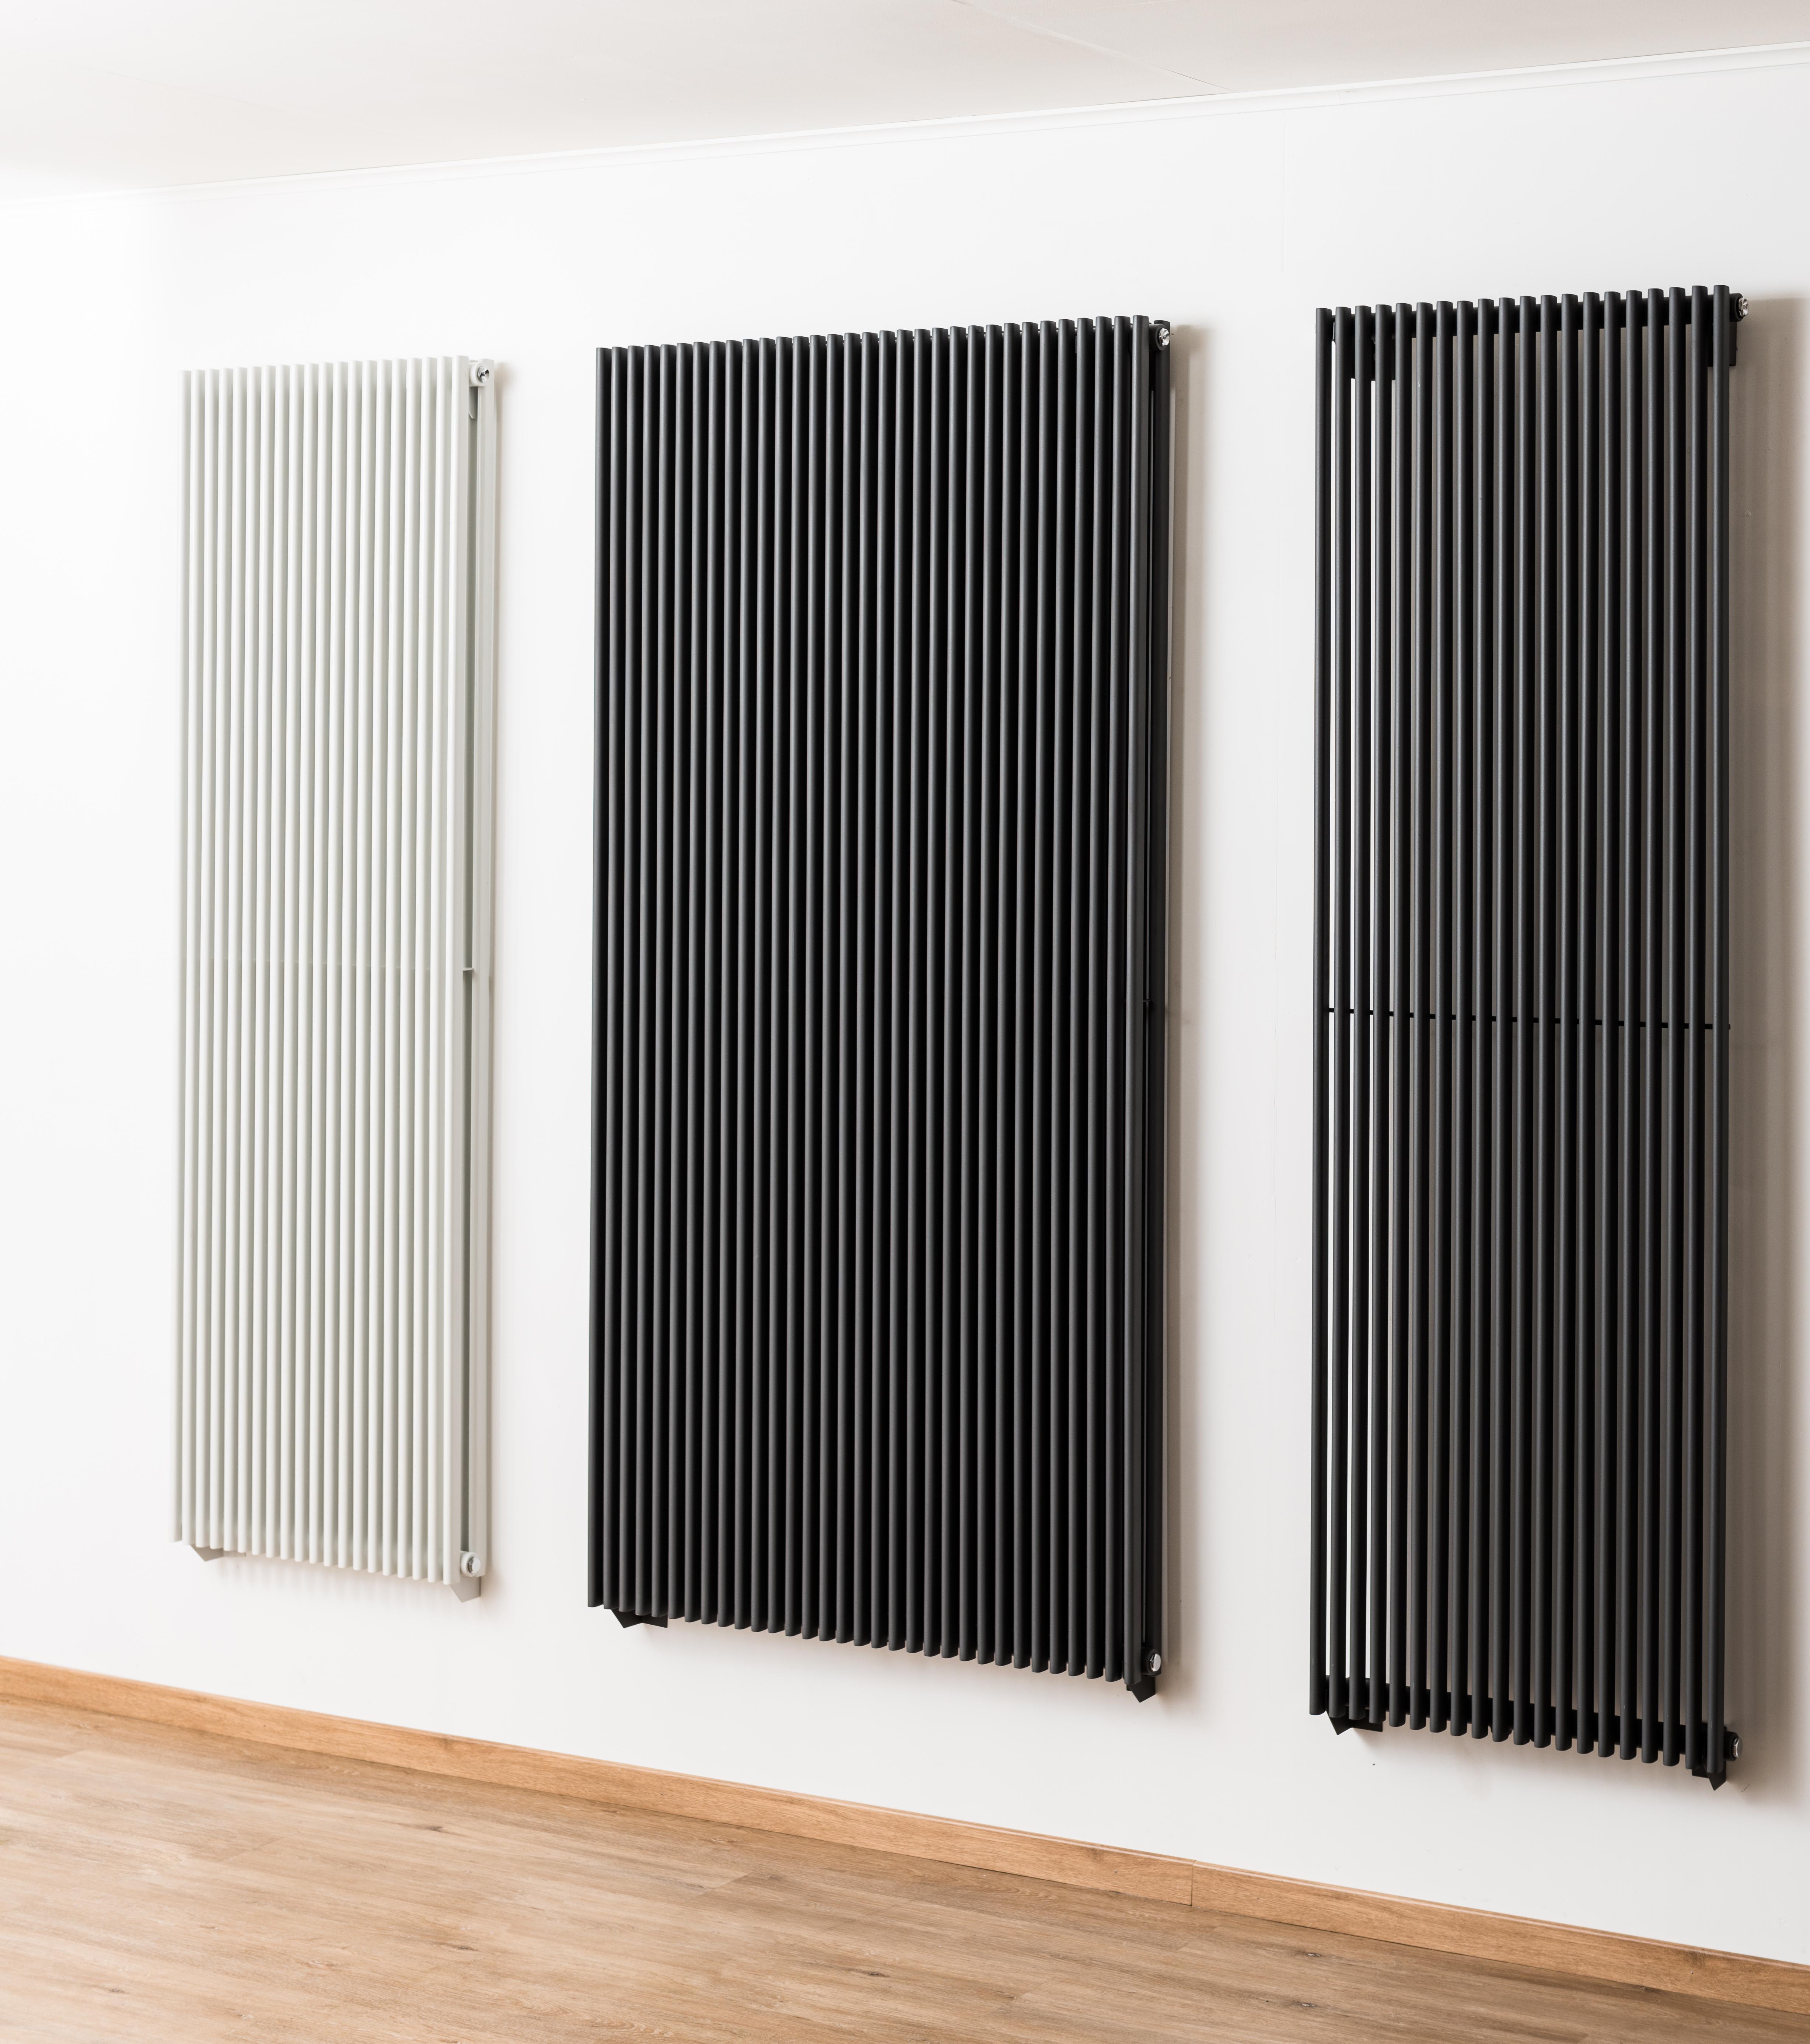 Zelfbouwmarkt - Verticale radiatoren: kwalitatief design aan ...